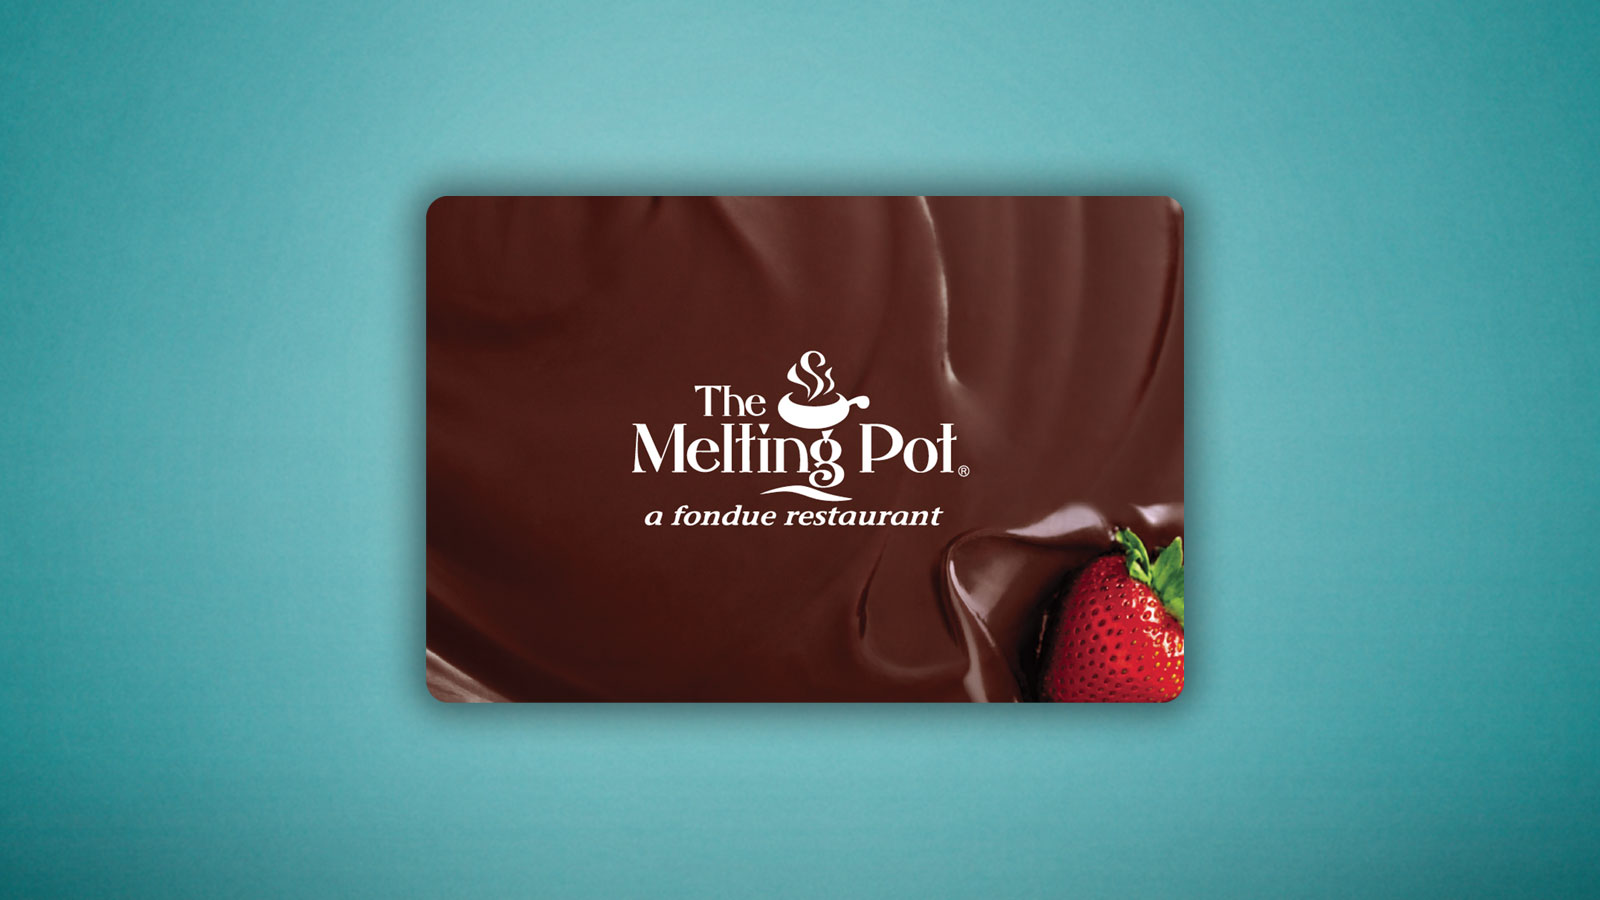 Melting pot westwood nj coupons